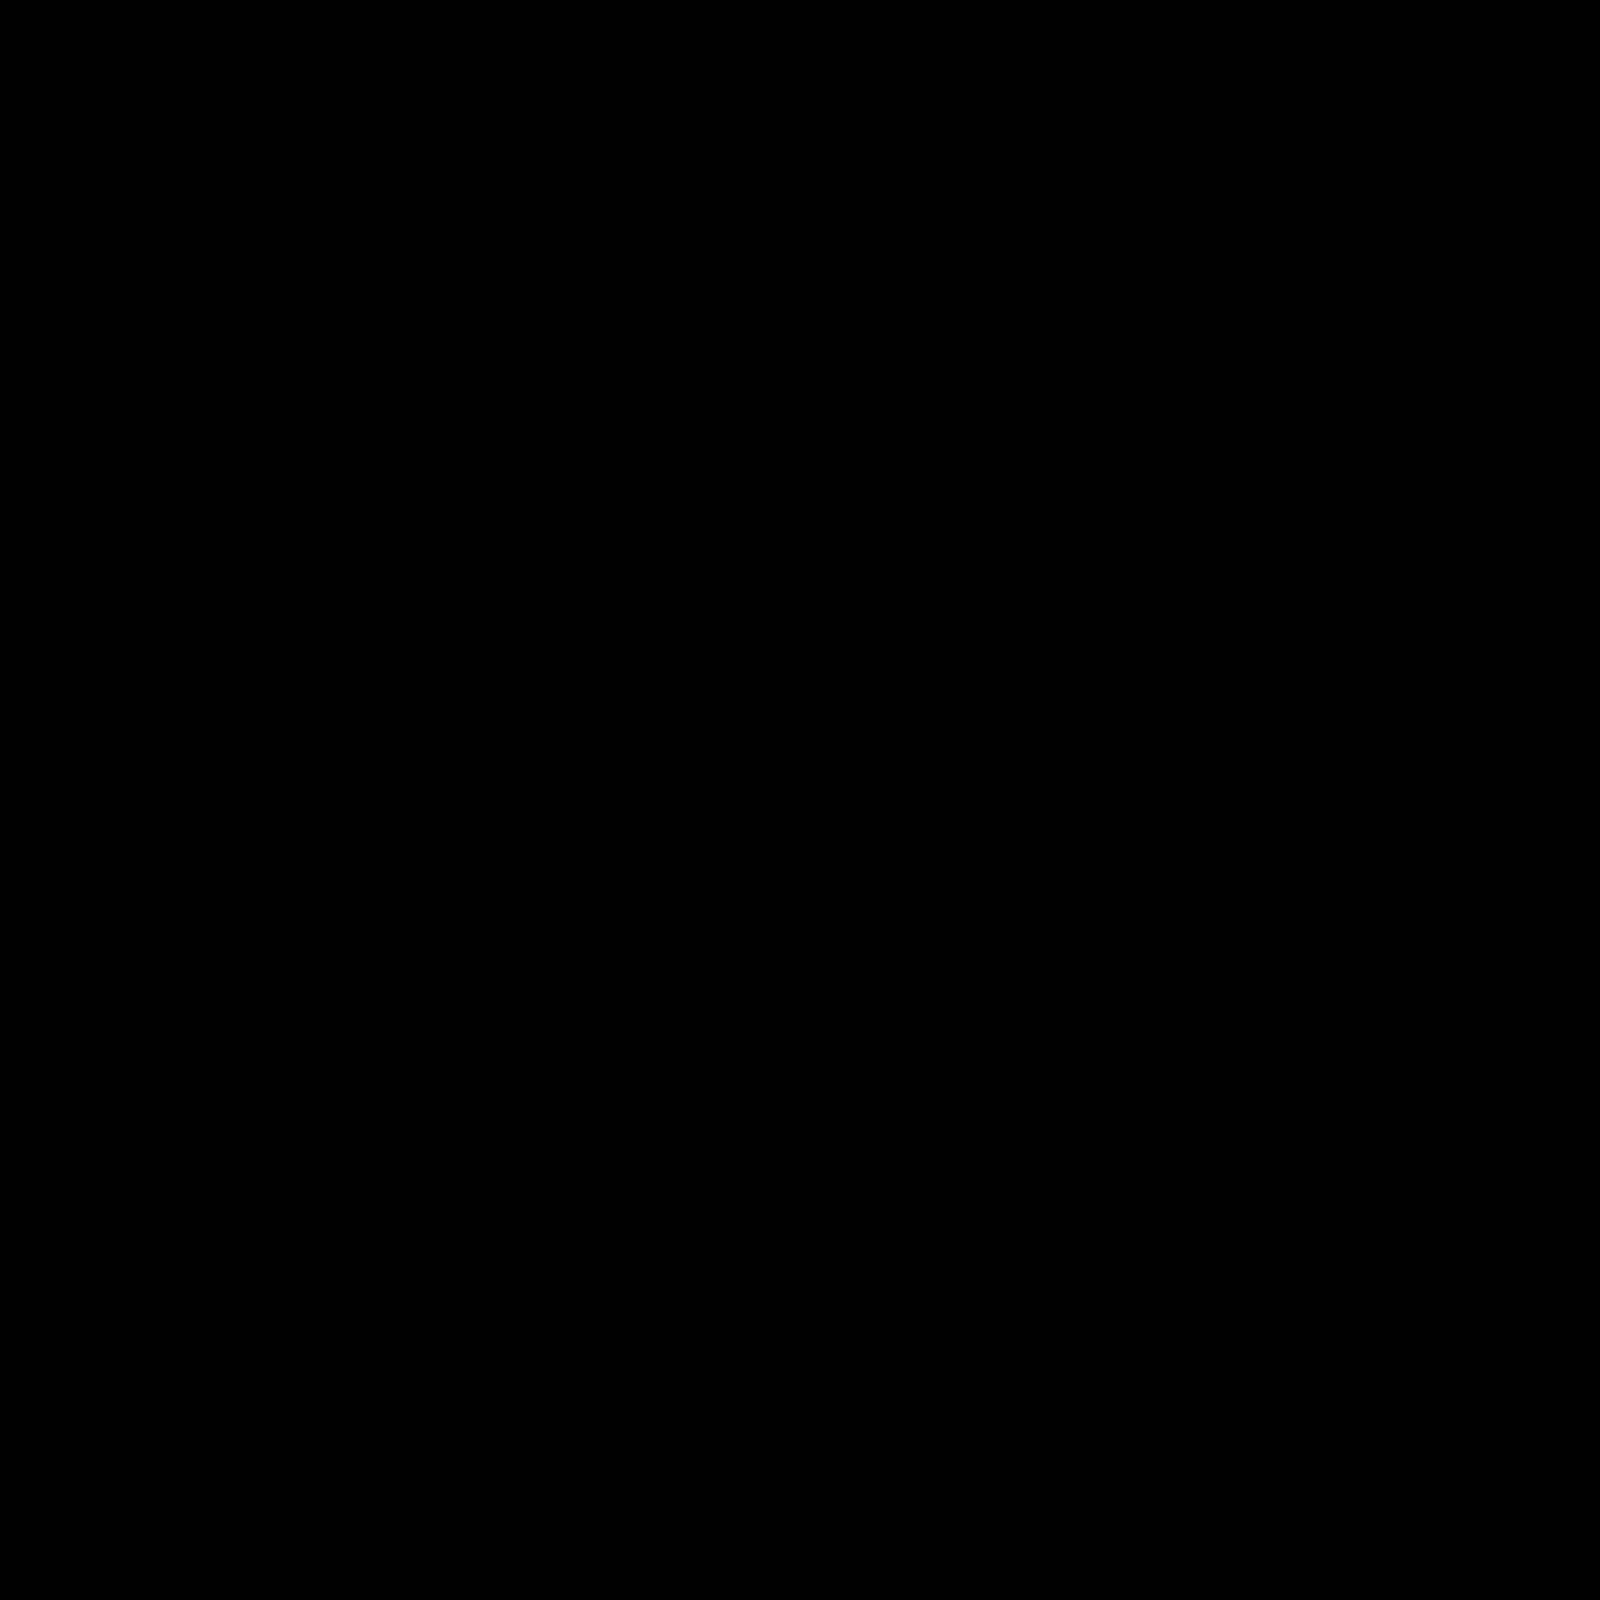 Namiot icon